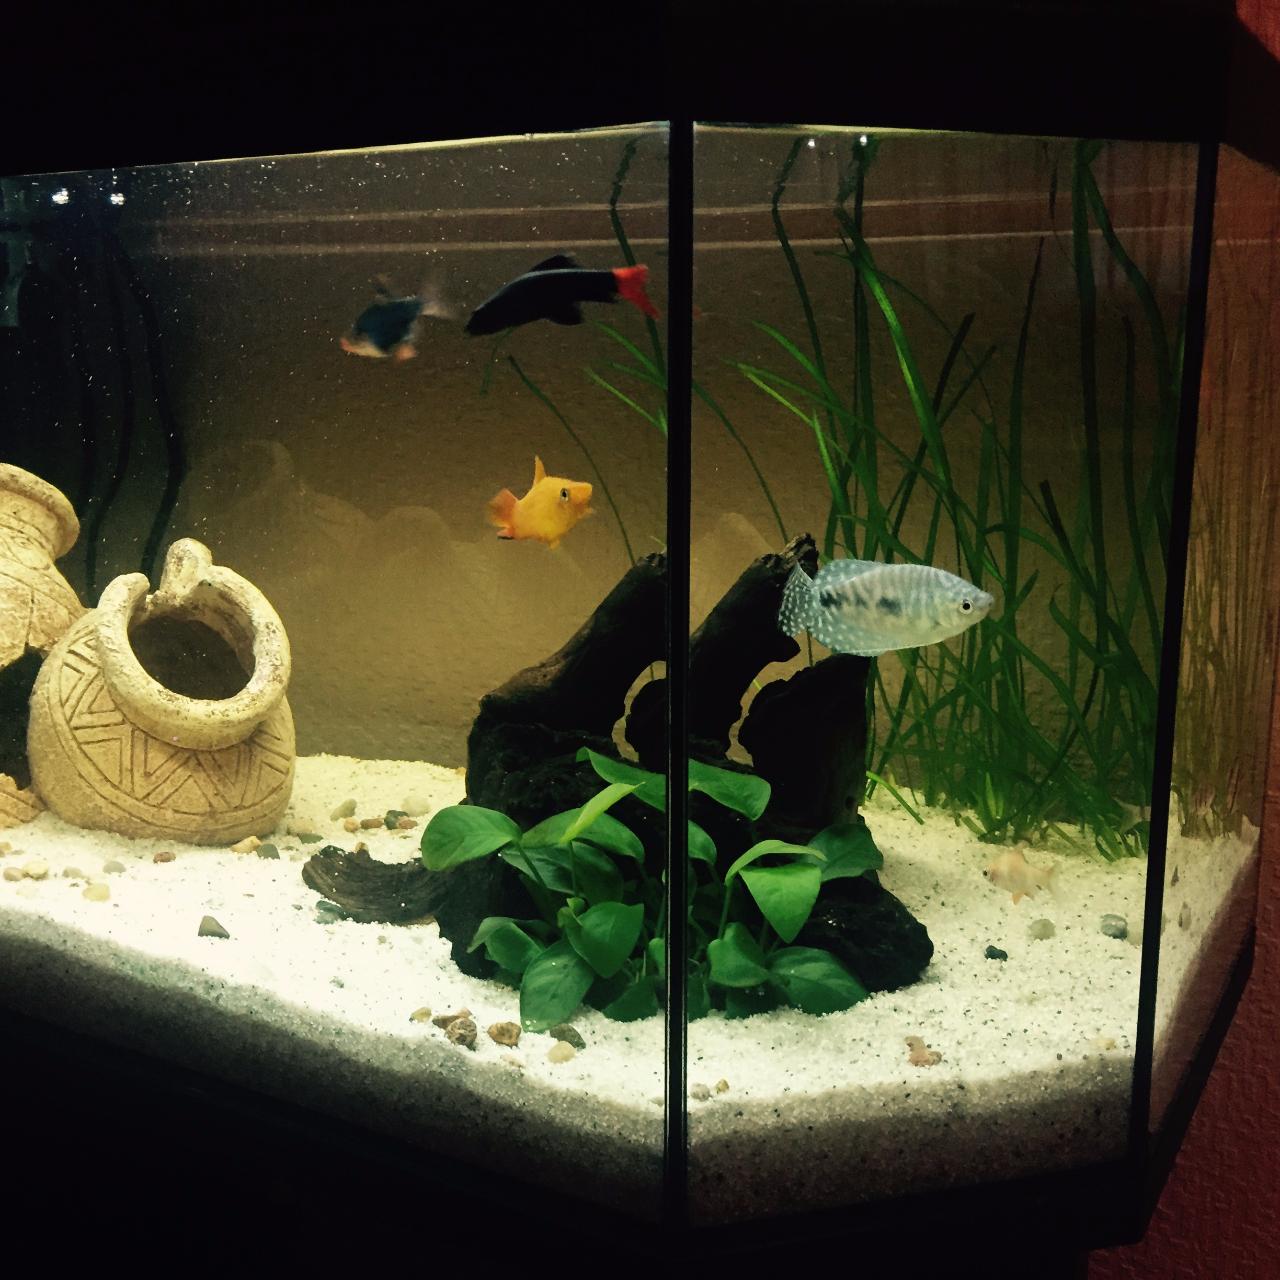 ПТО дохнут рыбы в аквариуме снижения